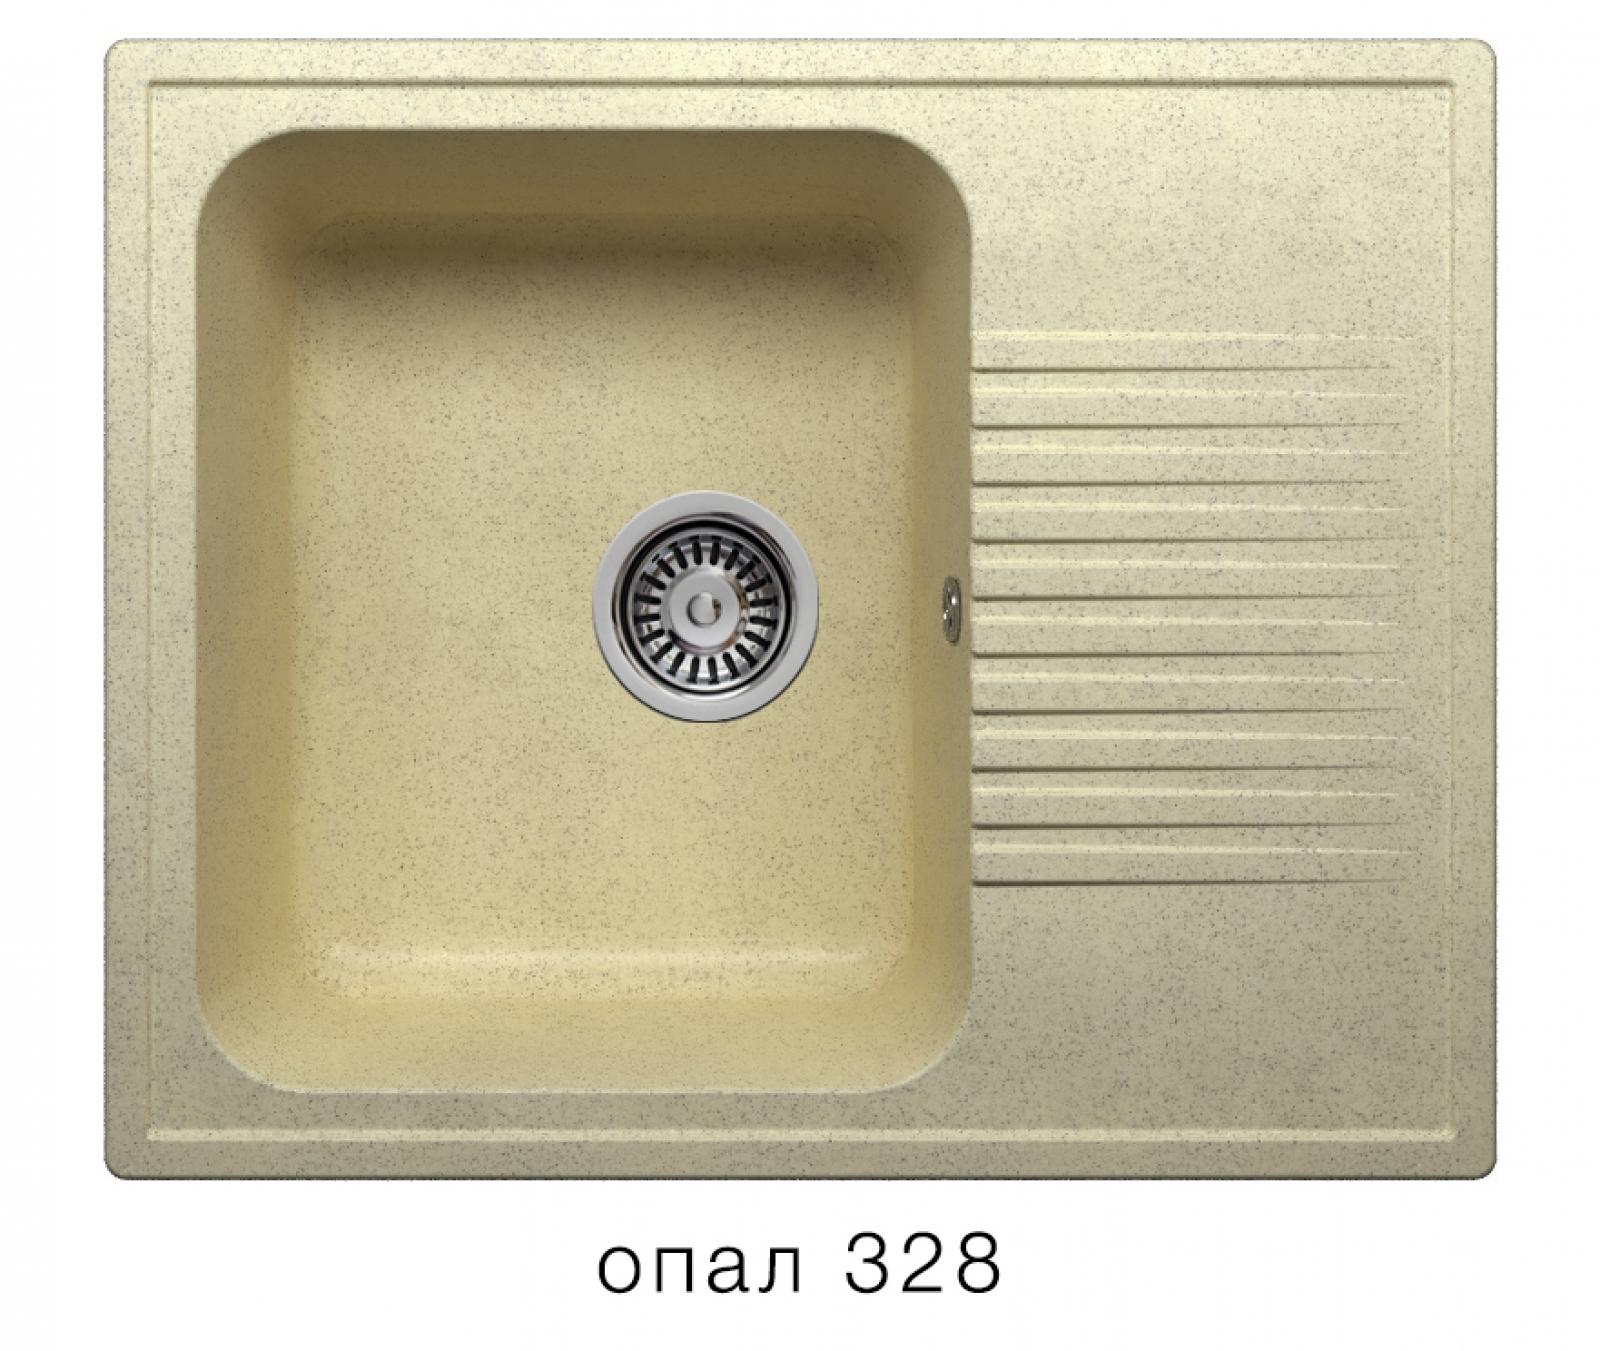 Мойка Polygran-F-07-328, цвет - Опал